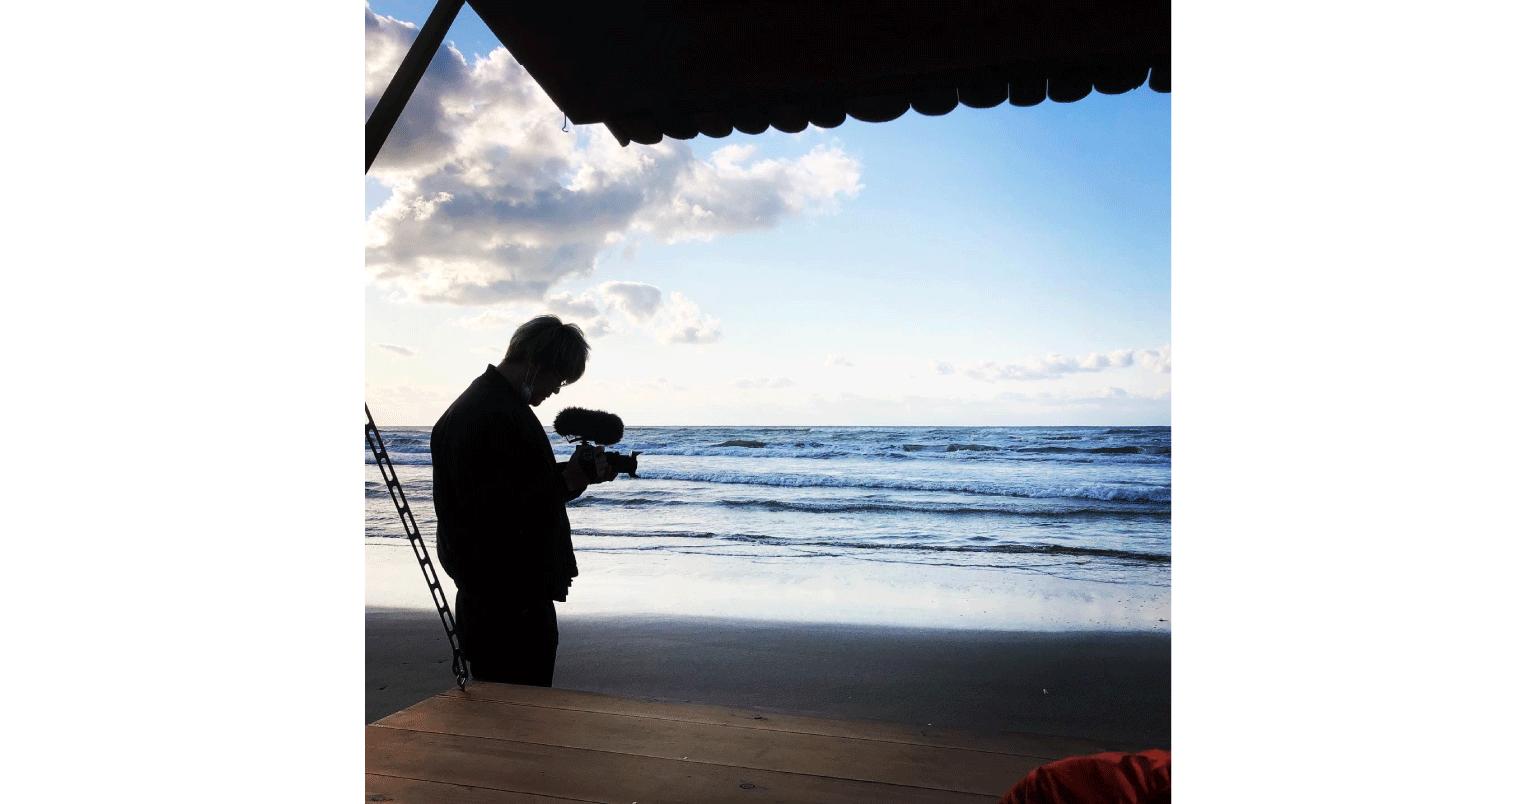 赤井さんがモバイルハウスで千里浜なぎさドライブウェイを旅した写真